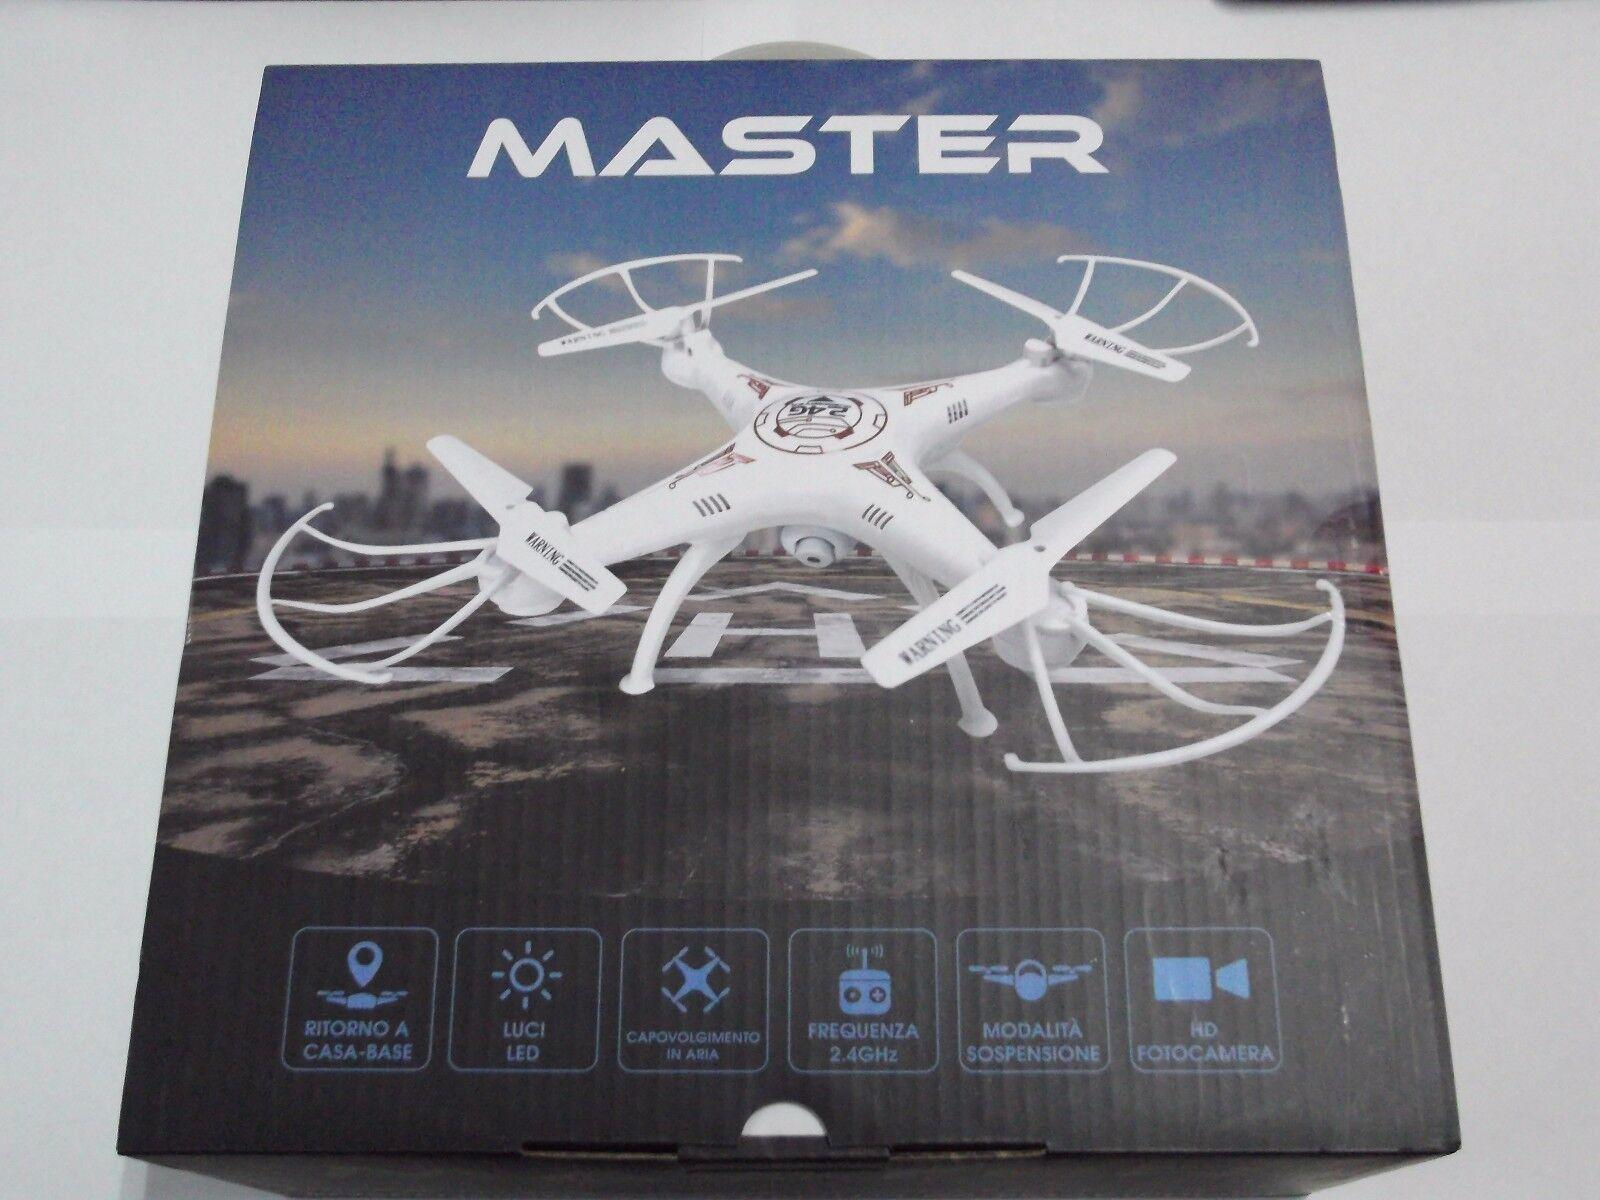 MASTER DRONE TELECOuomoDATO  CON MODALITA' SOSPENSIONE E CONTROLLO DA SMARTPHONE  prezzi equi